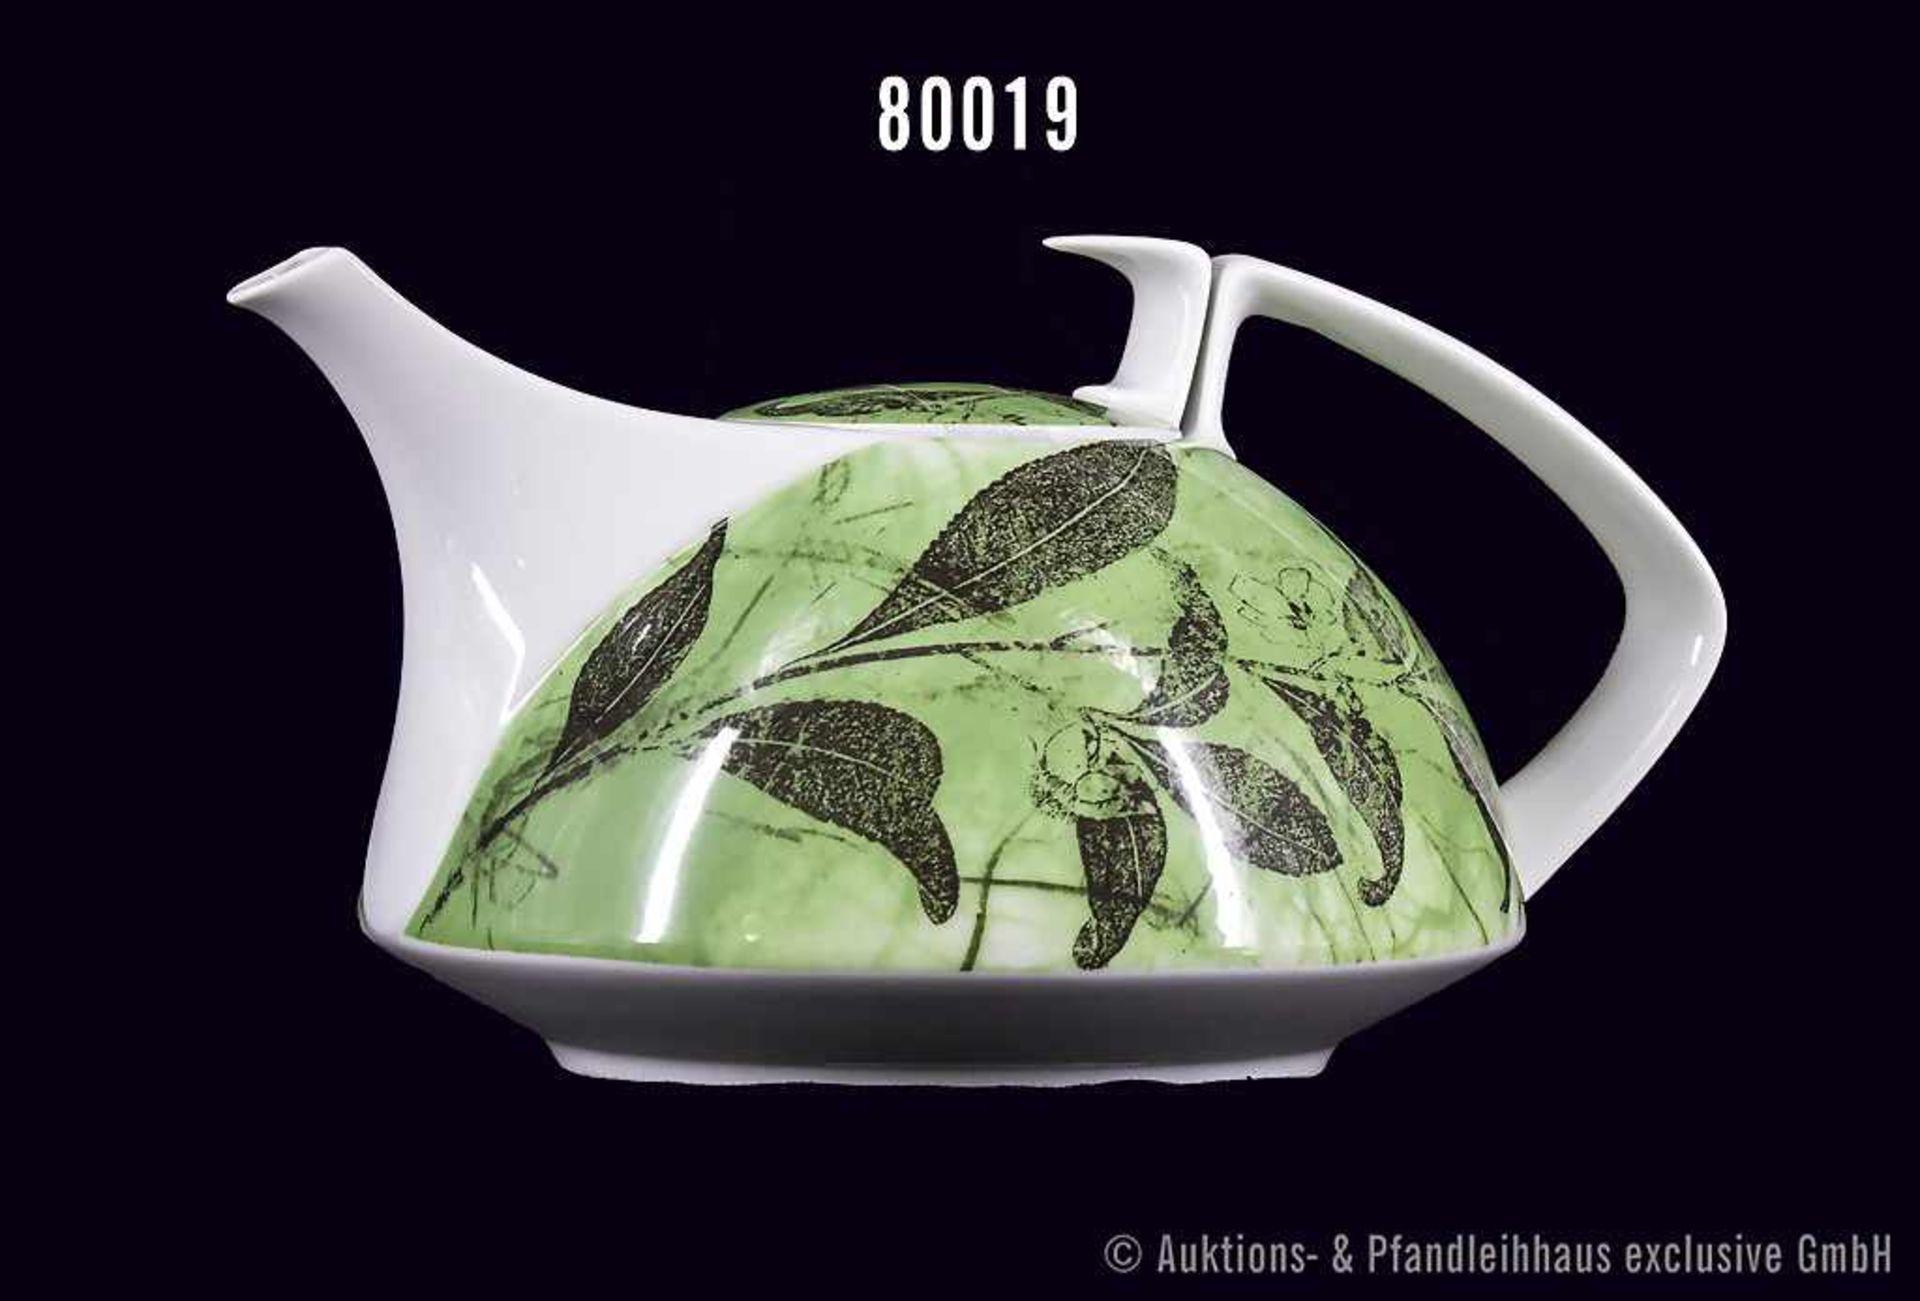 Rosenthal Porzellan, Teekanne Form Gropius Künstler Kanne, Dekor Green Tea, von Arnulf Rainer,